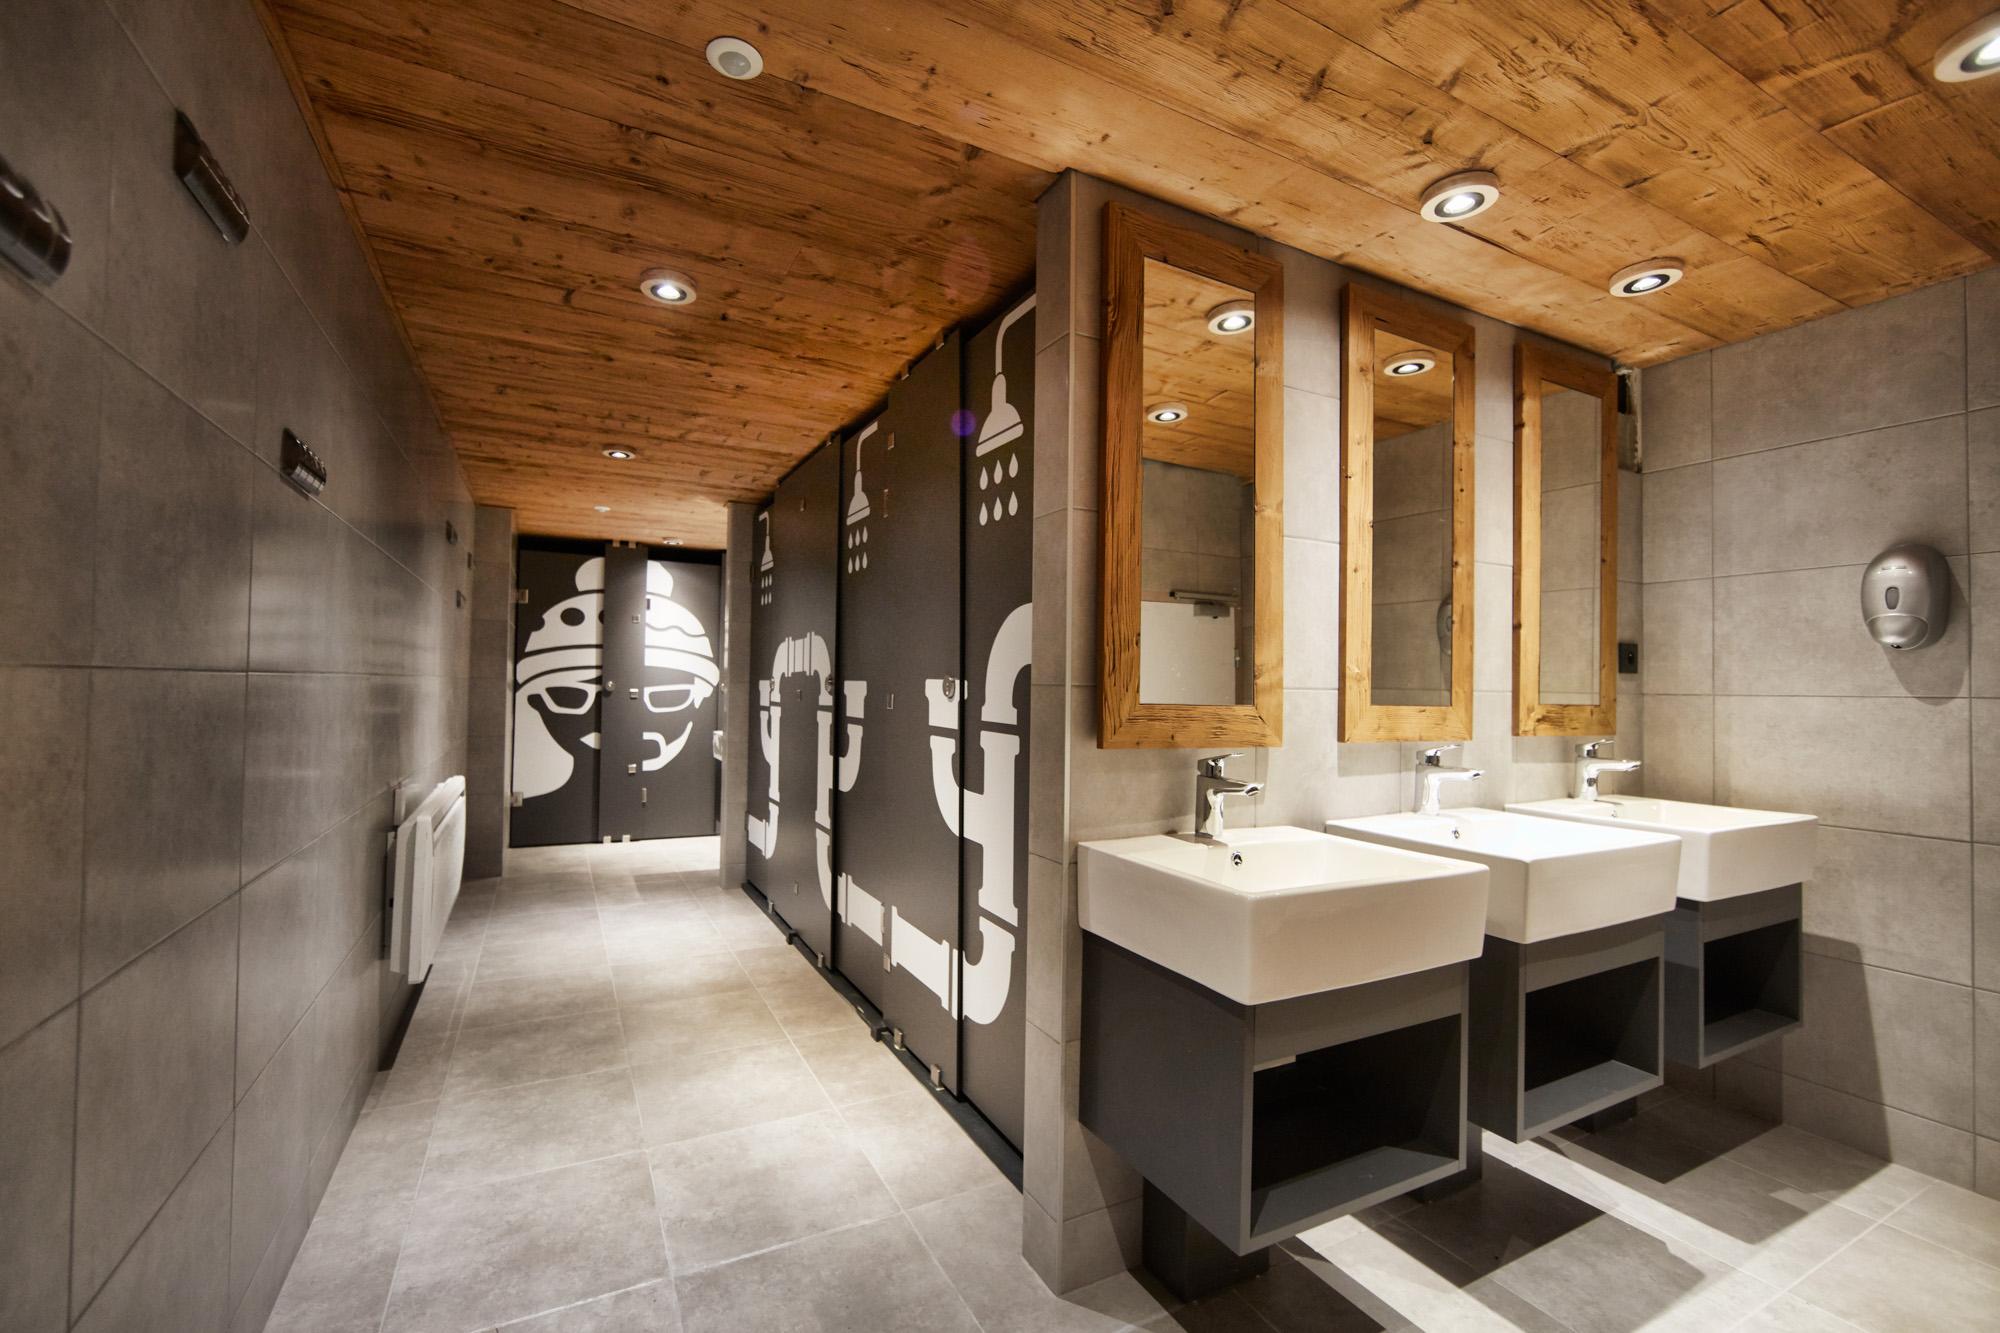 Moontain Salle de bain à partager.jpg